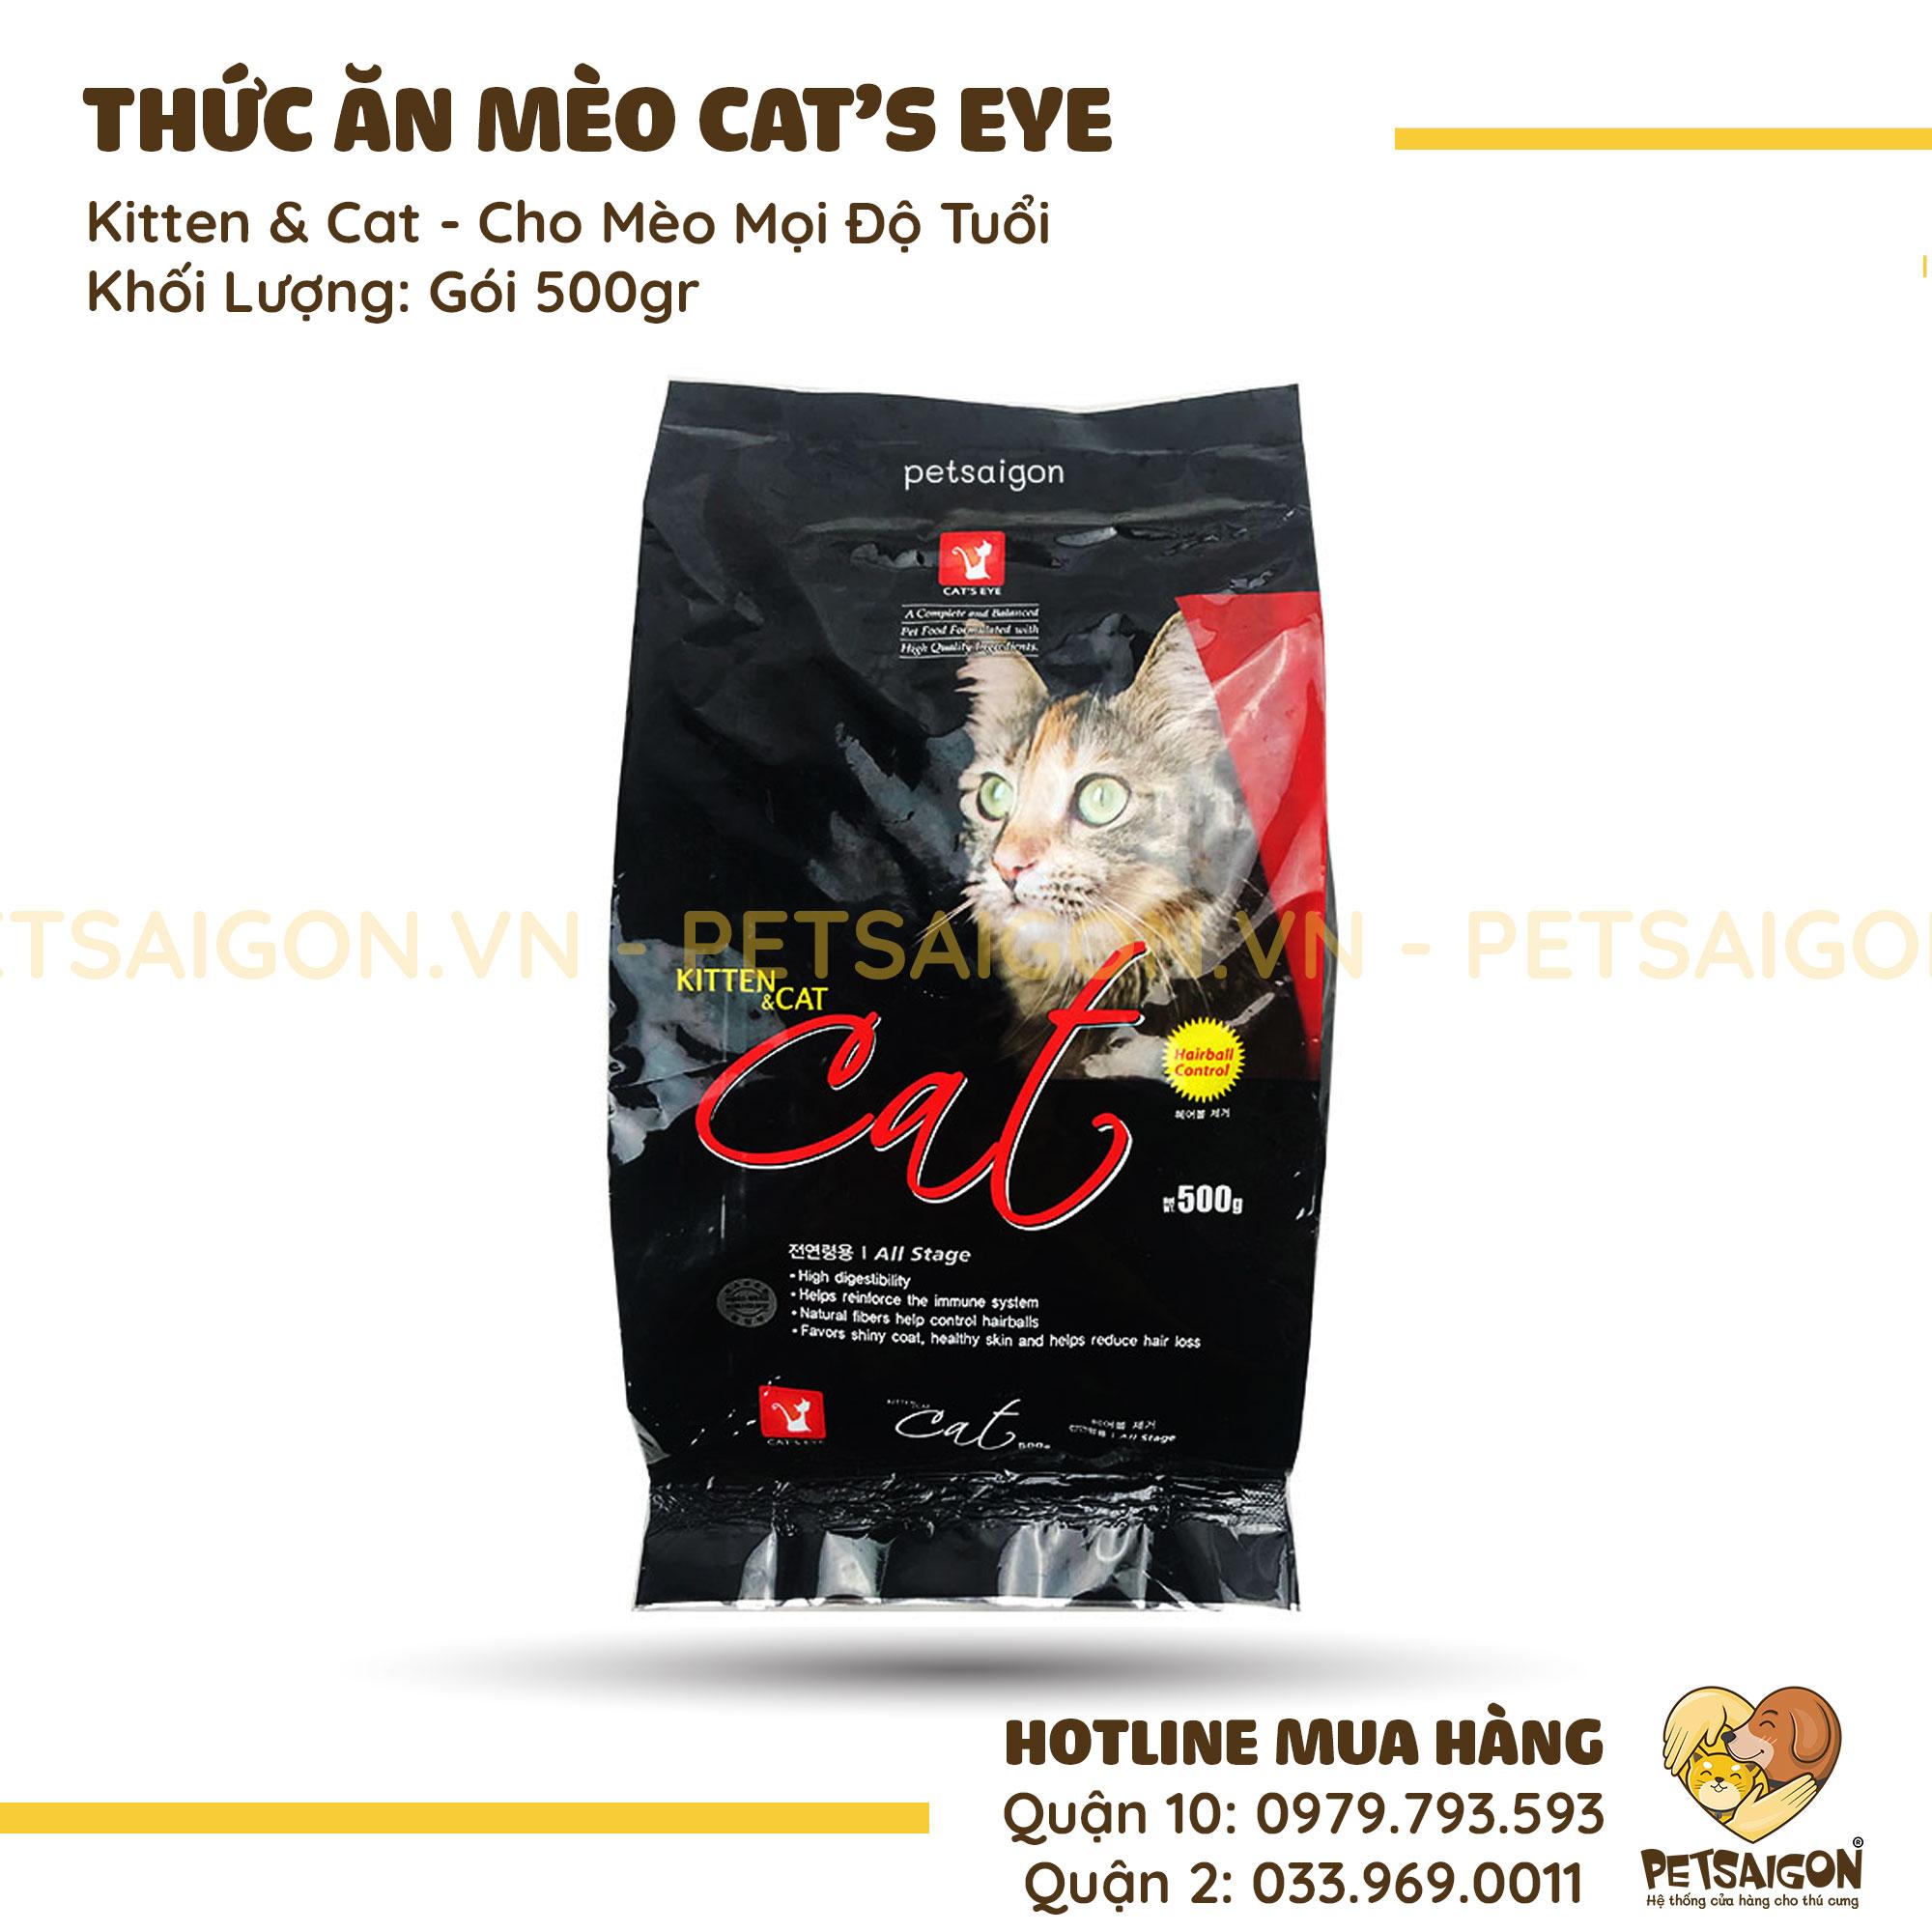 Top 5 Loại Thức Ăn Hạt Cho Mèo Giá Rẻ Nhất